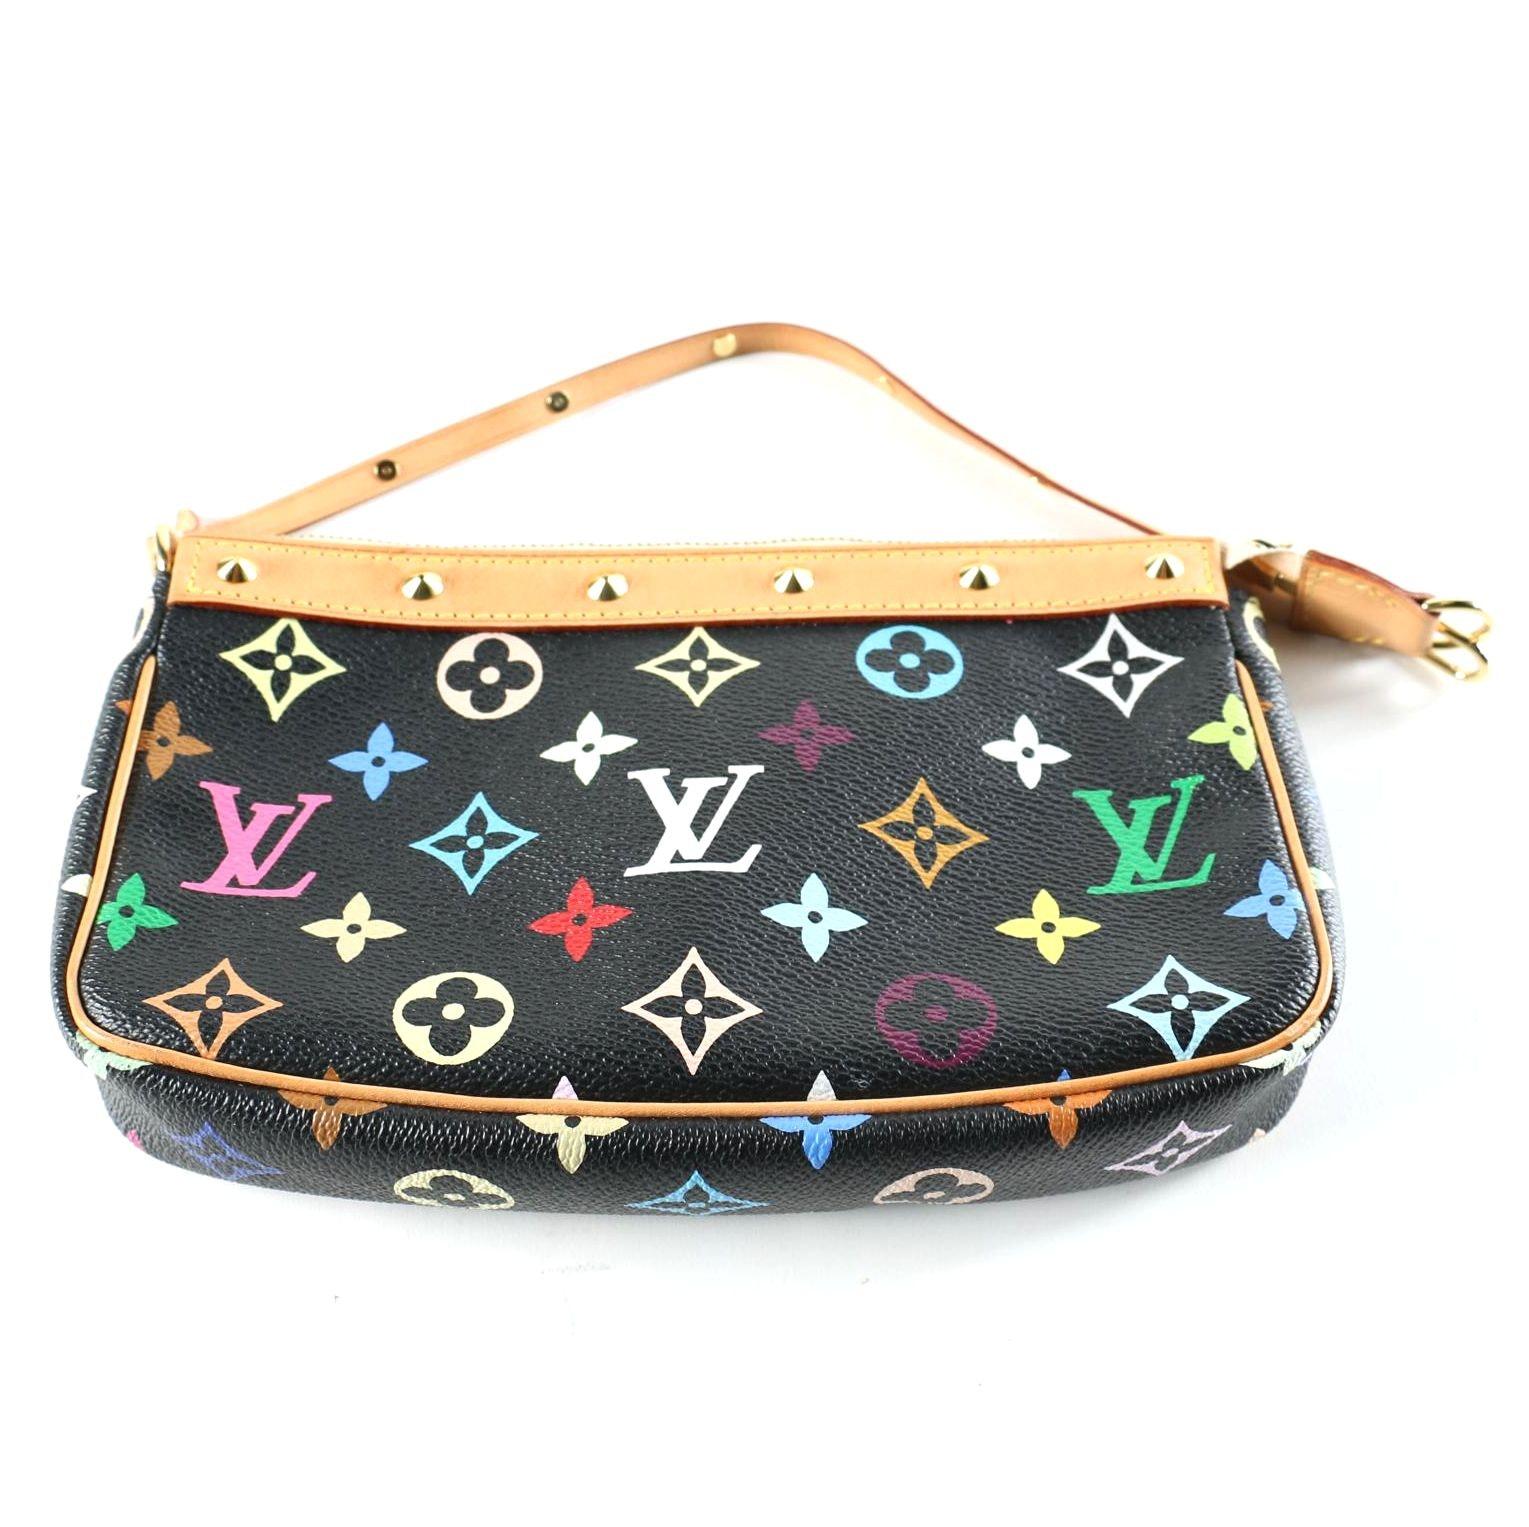 Louis Vuitton White Monogram Multicolore Accessories Pochette Bag